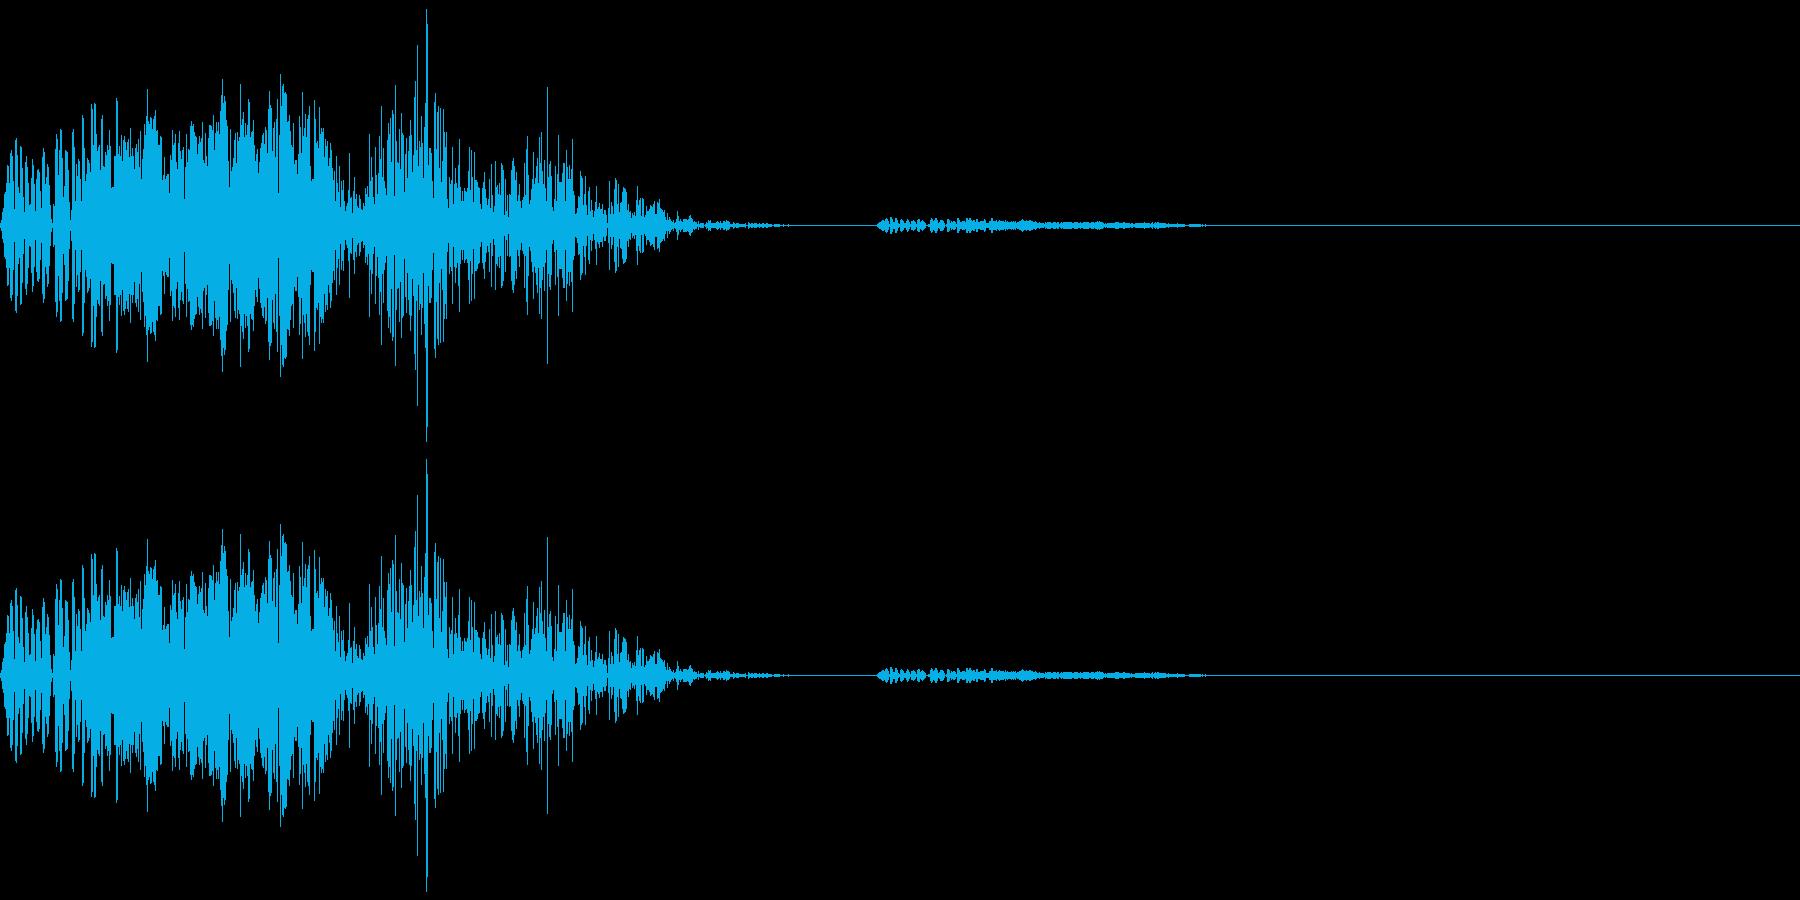 シューティングゲームのショット音の再生済みの波形